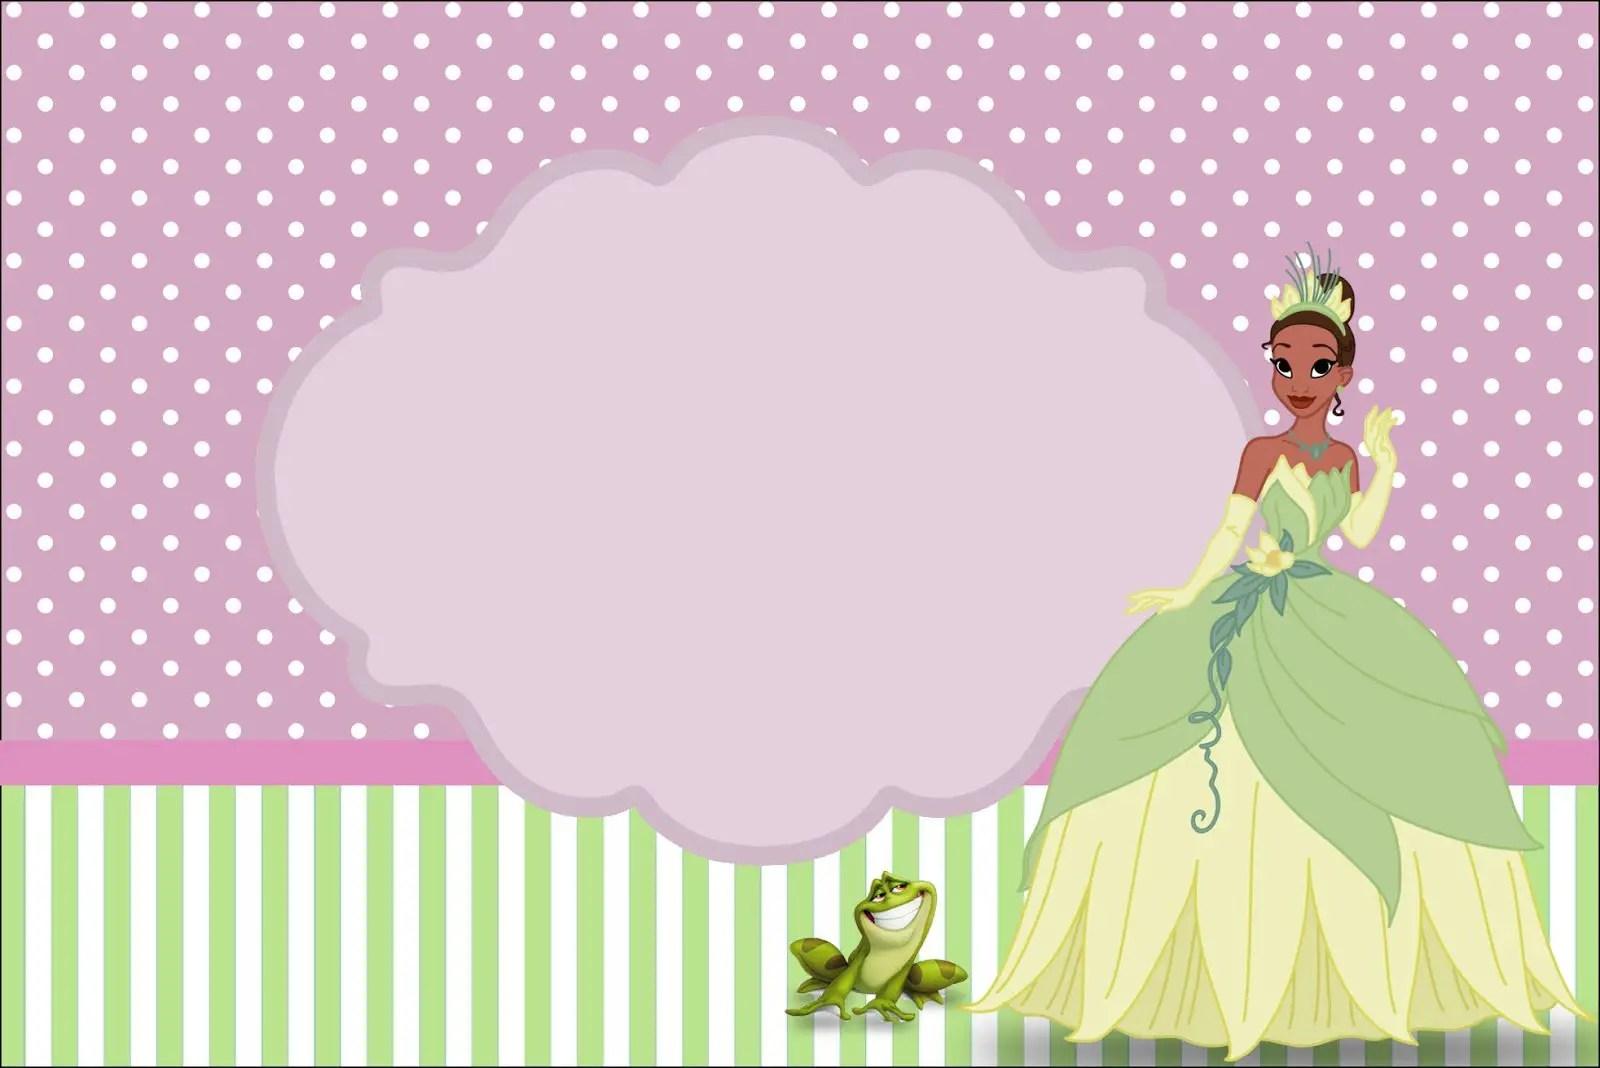 Imprimible gratis La Princesa y el sapo - Dale Detalles